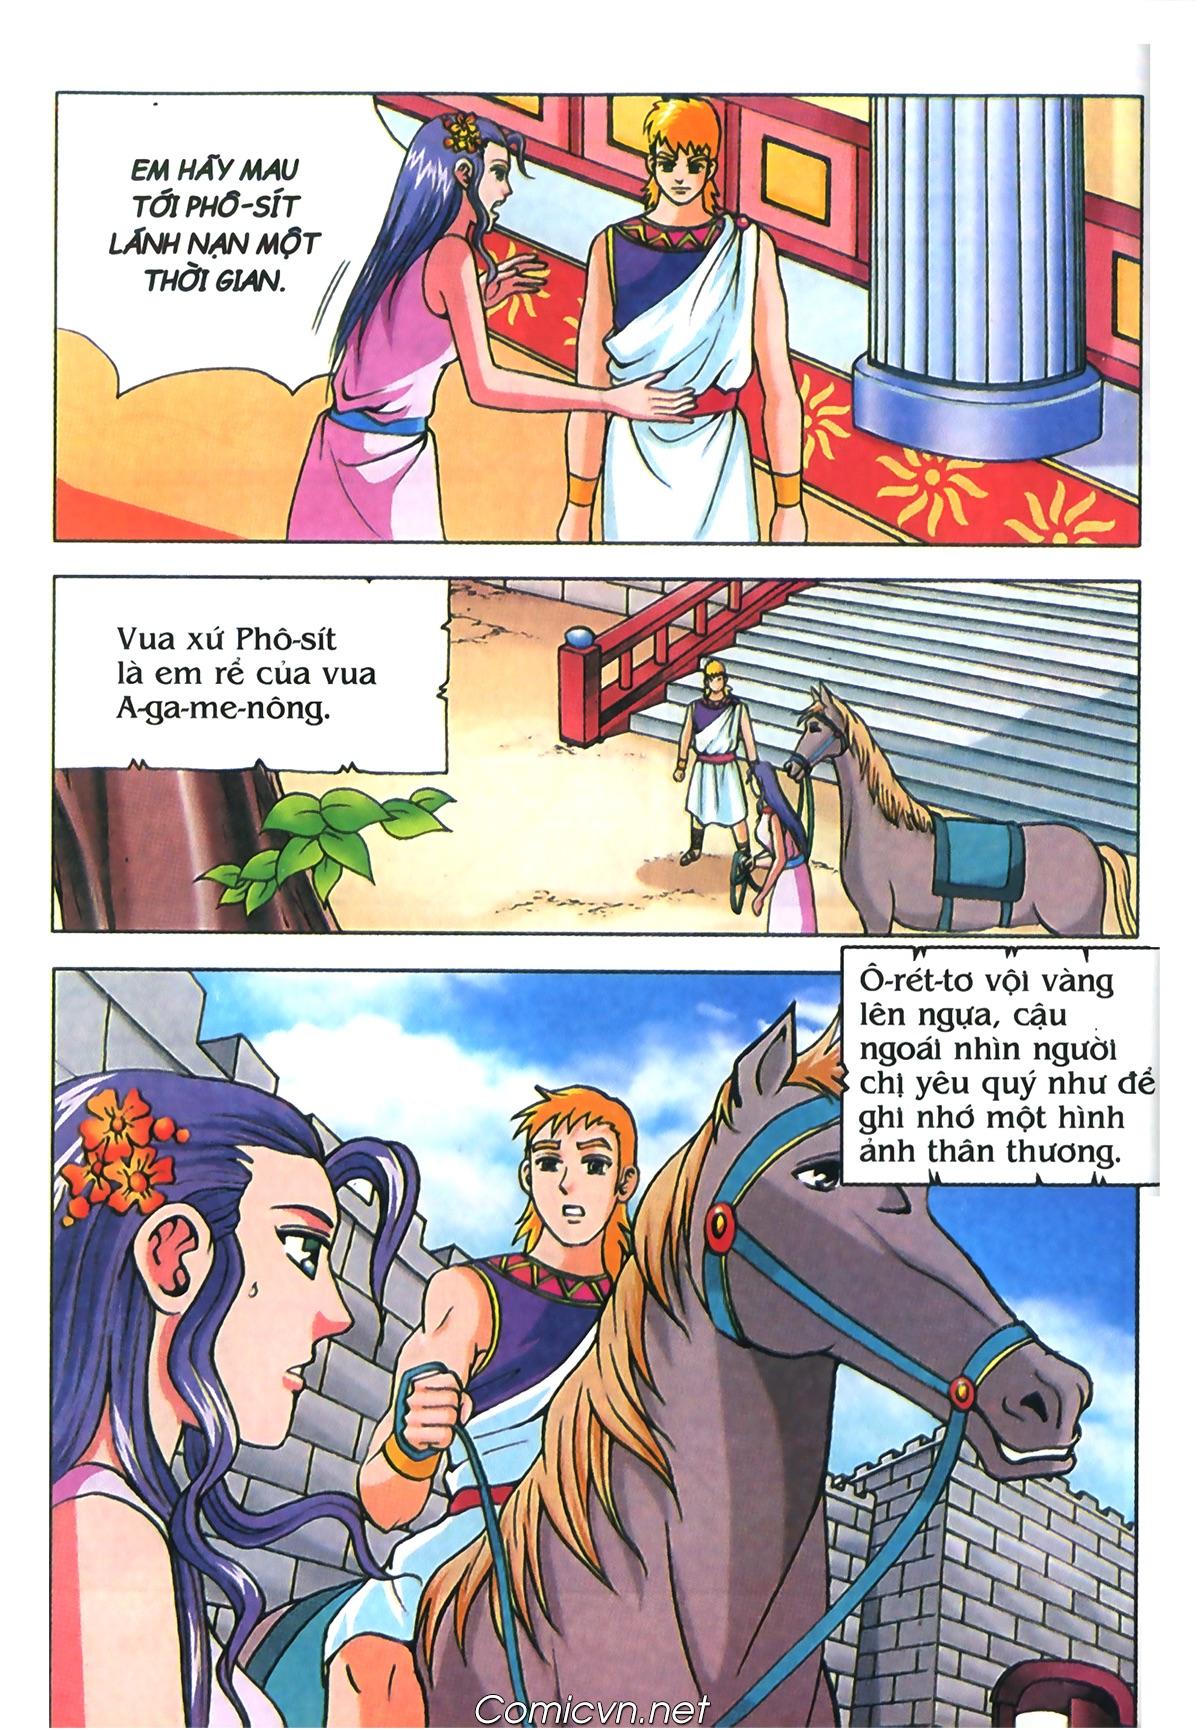 Thần Thoại Hy Lạp Màu - Chapter 70: Nàng Ê lếch tơ - Pic 21